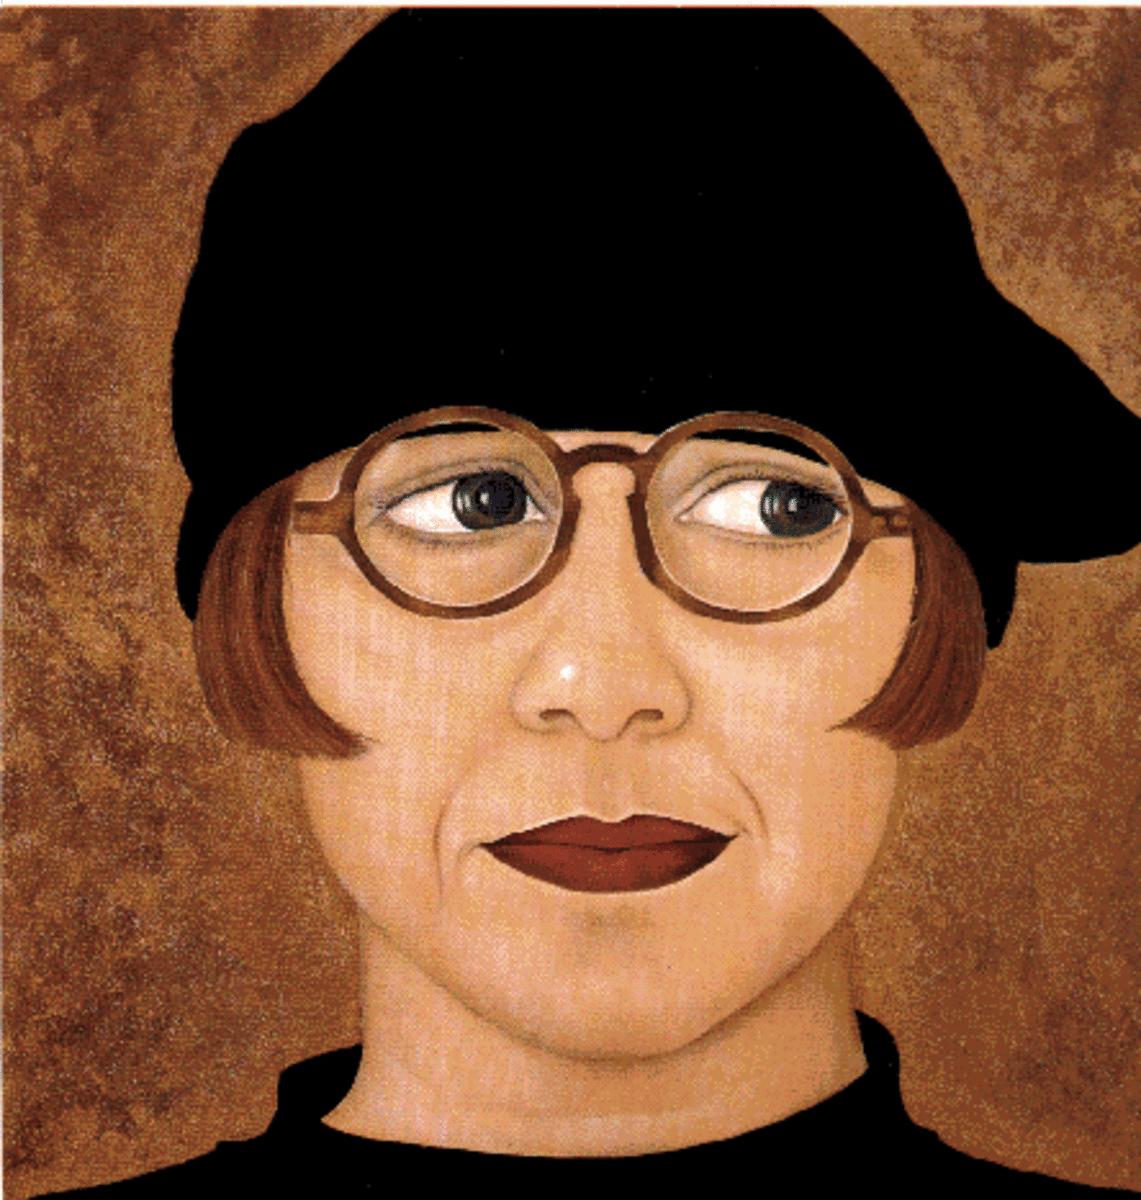 Self Portrait by Bente Christensen-Ernst